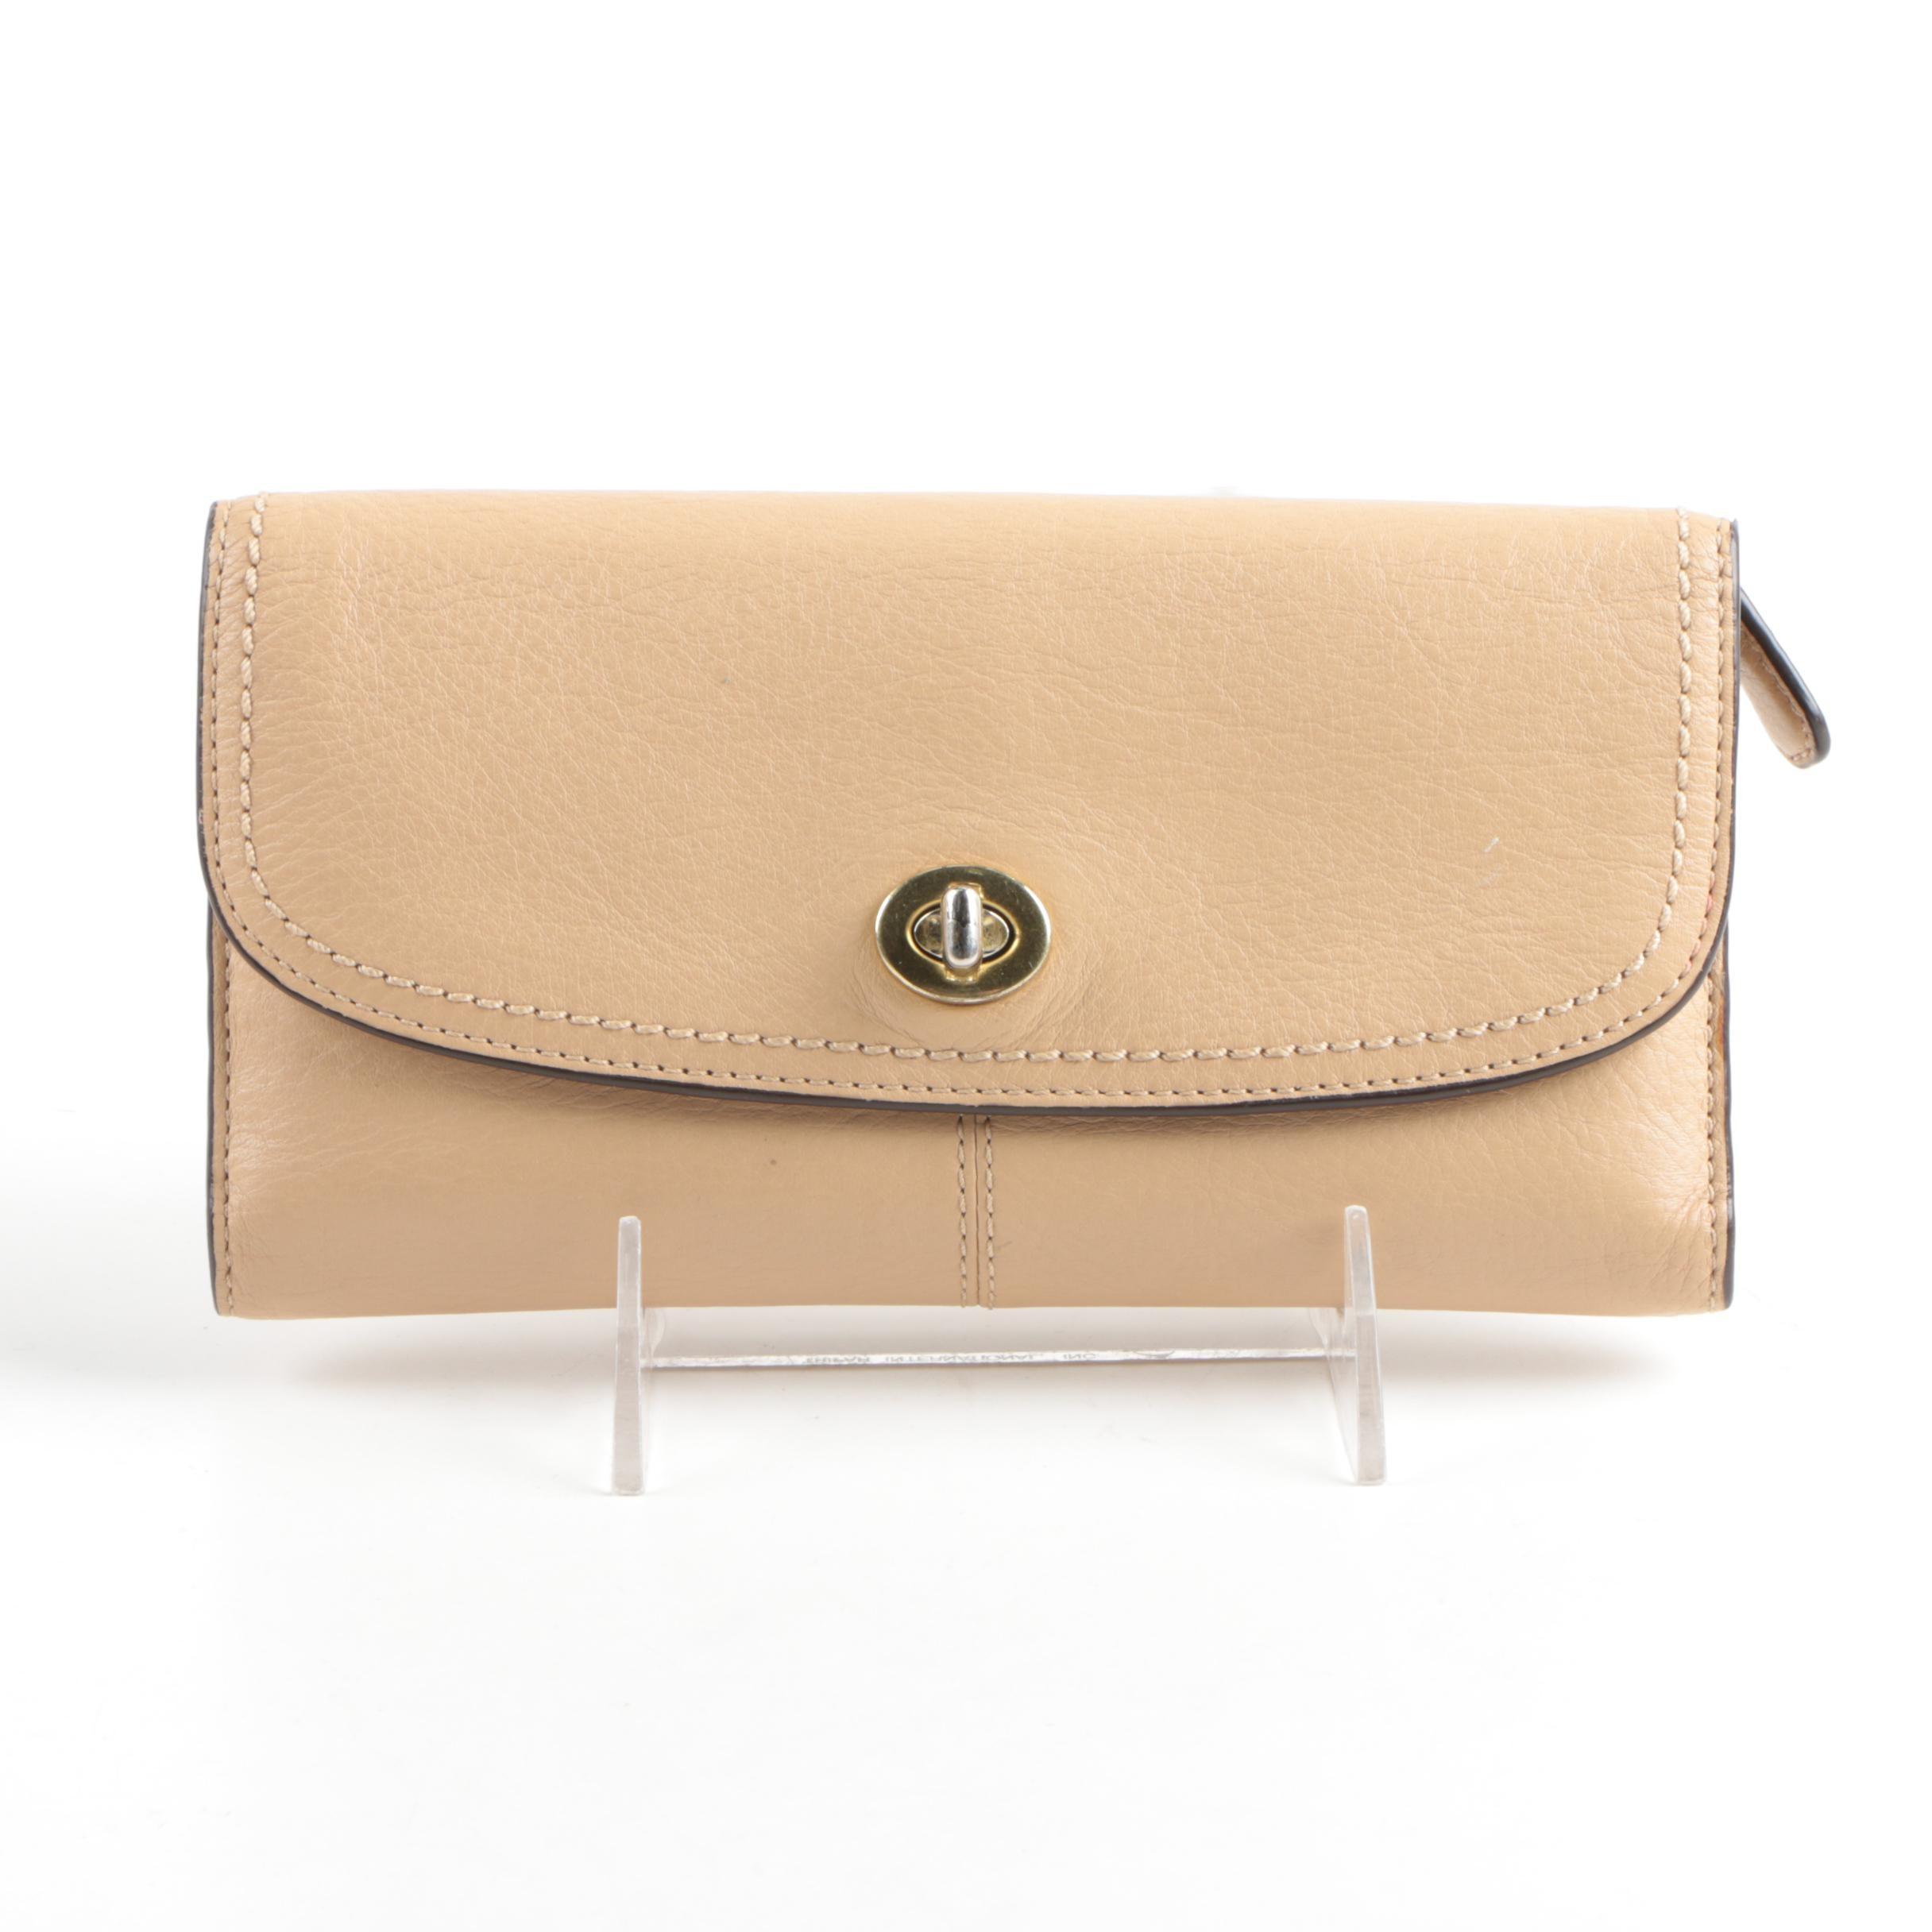 Coach Beige Leather Wallet